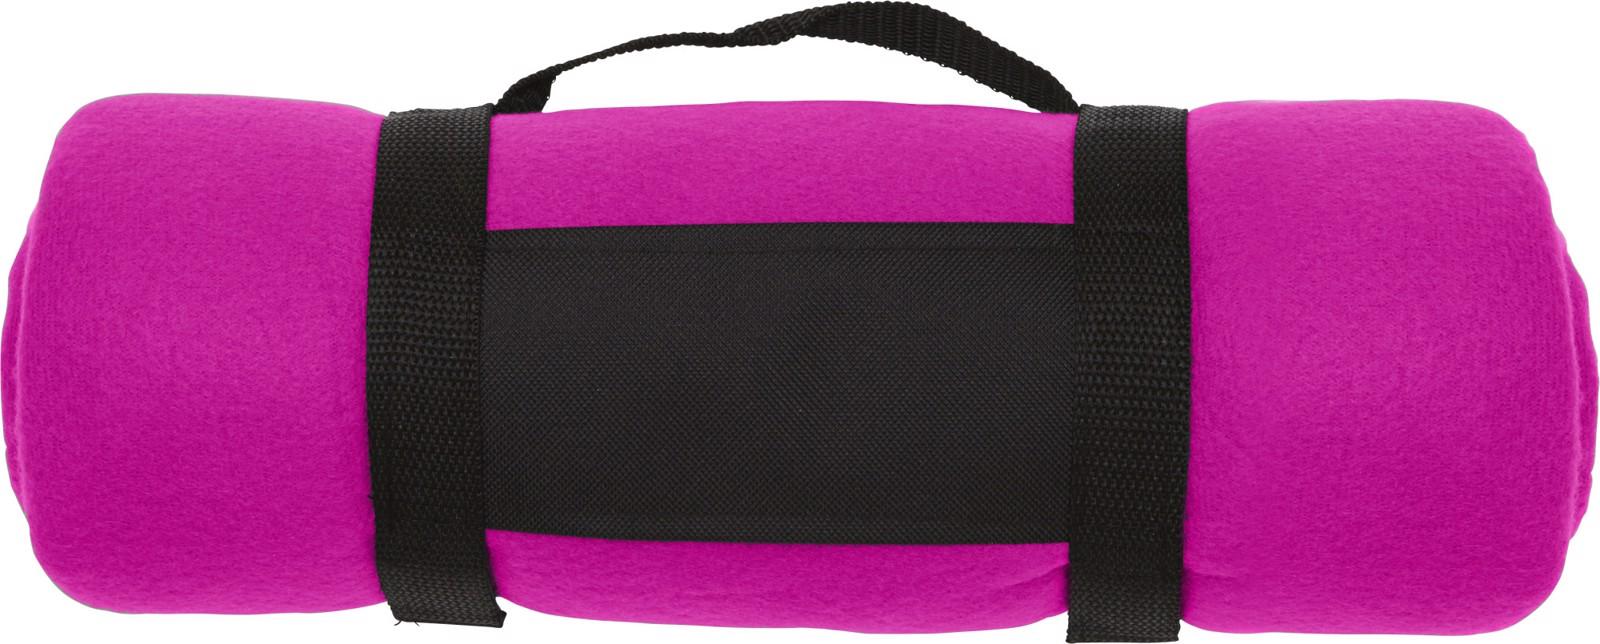 Polar fleece (170-180 gr/m²) blanket - Pink